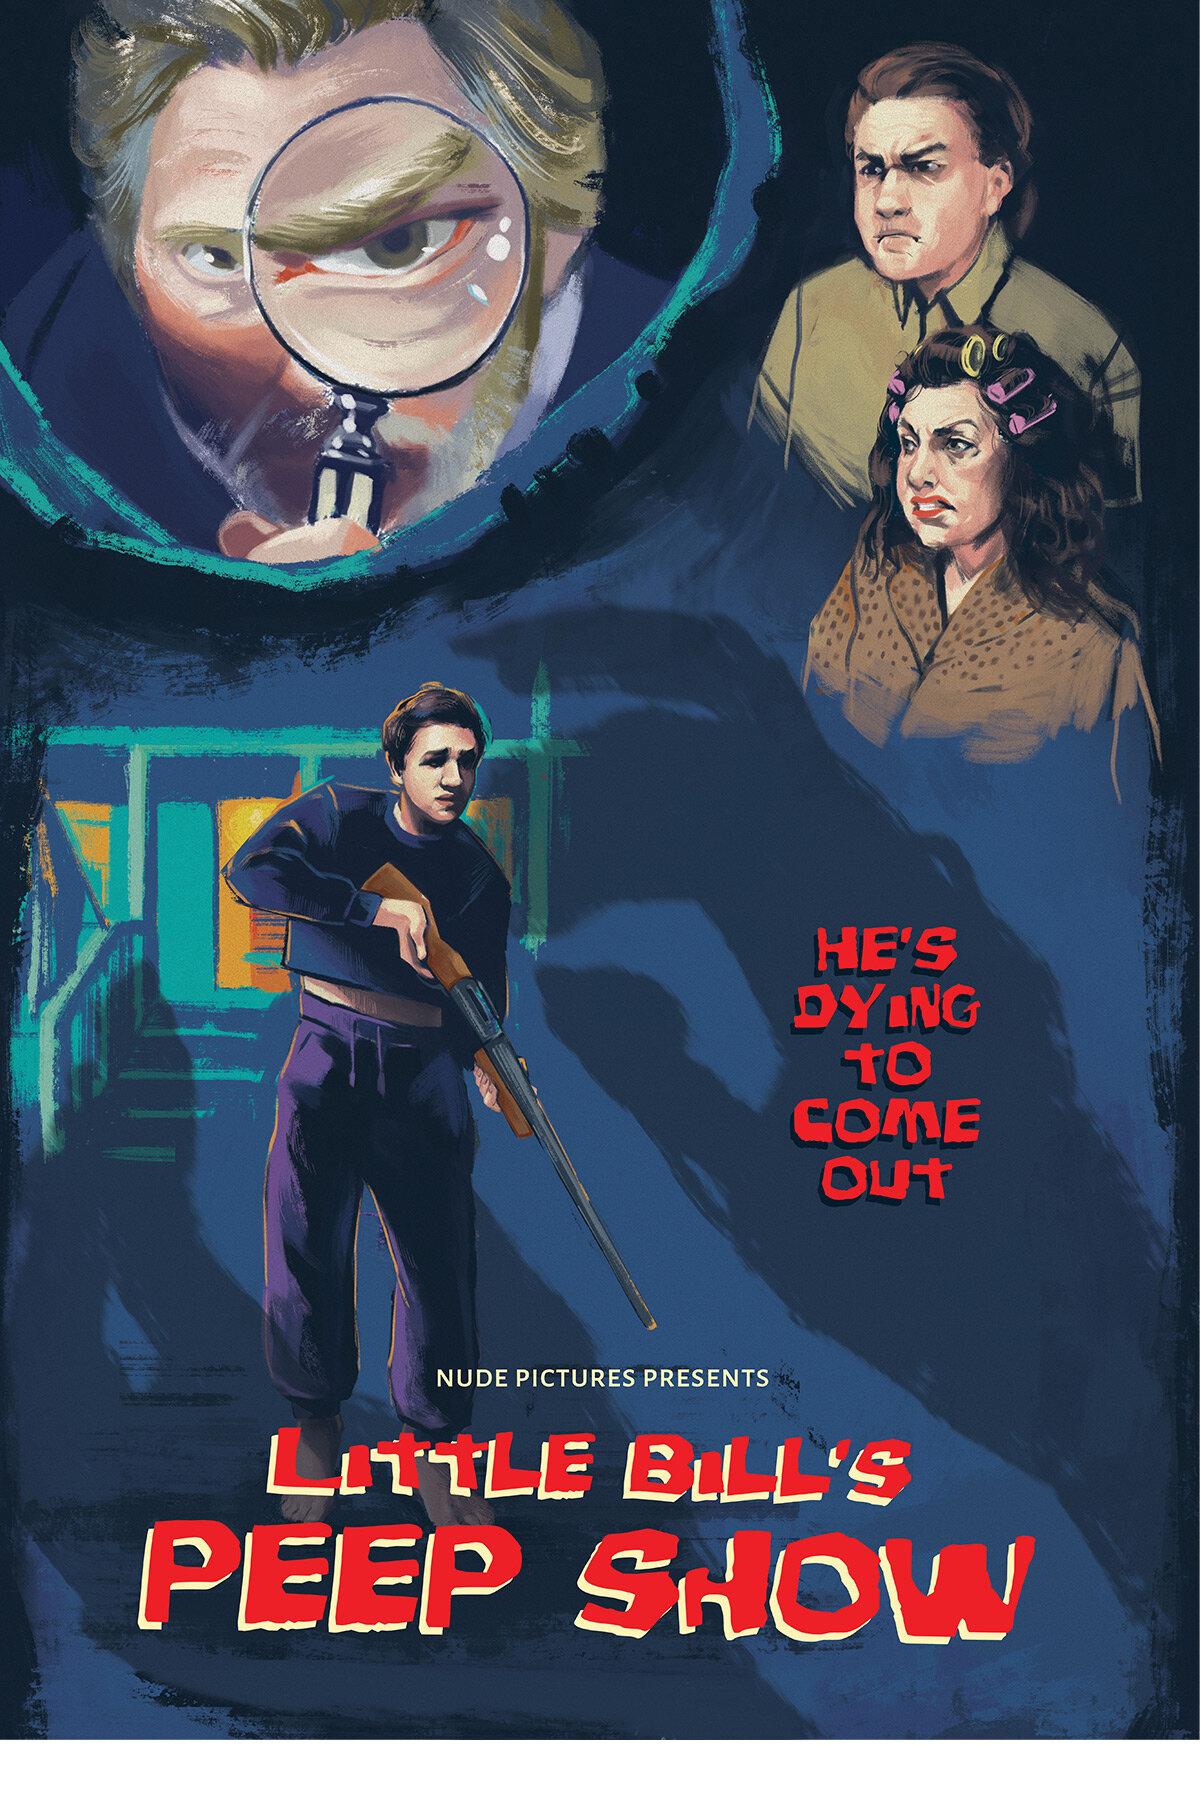 Little Bill's Peep Show